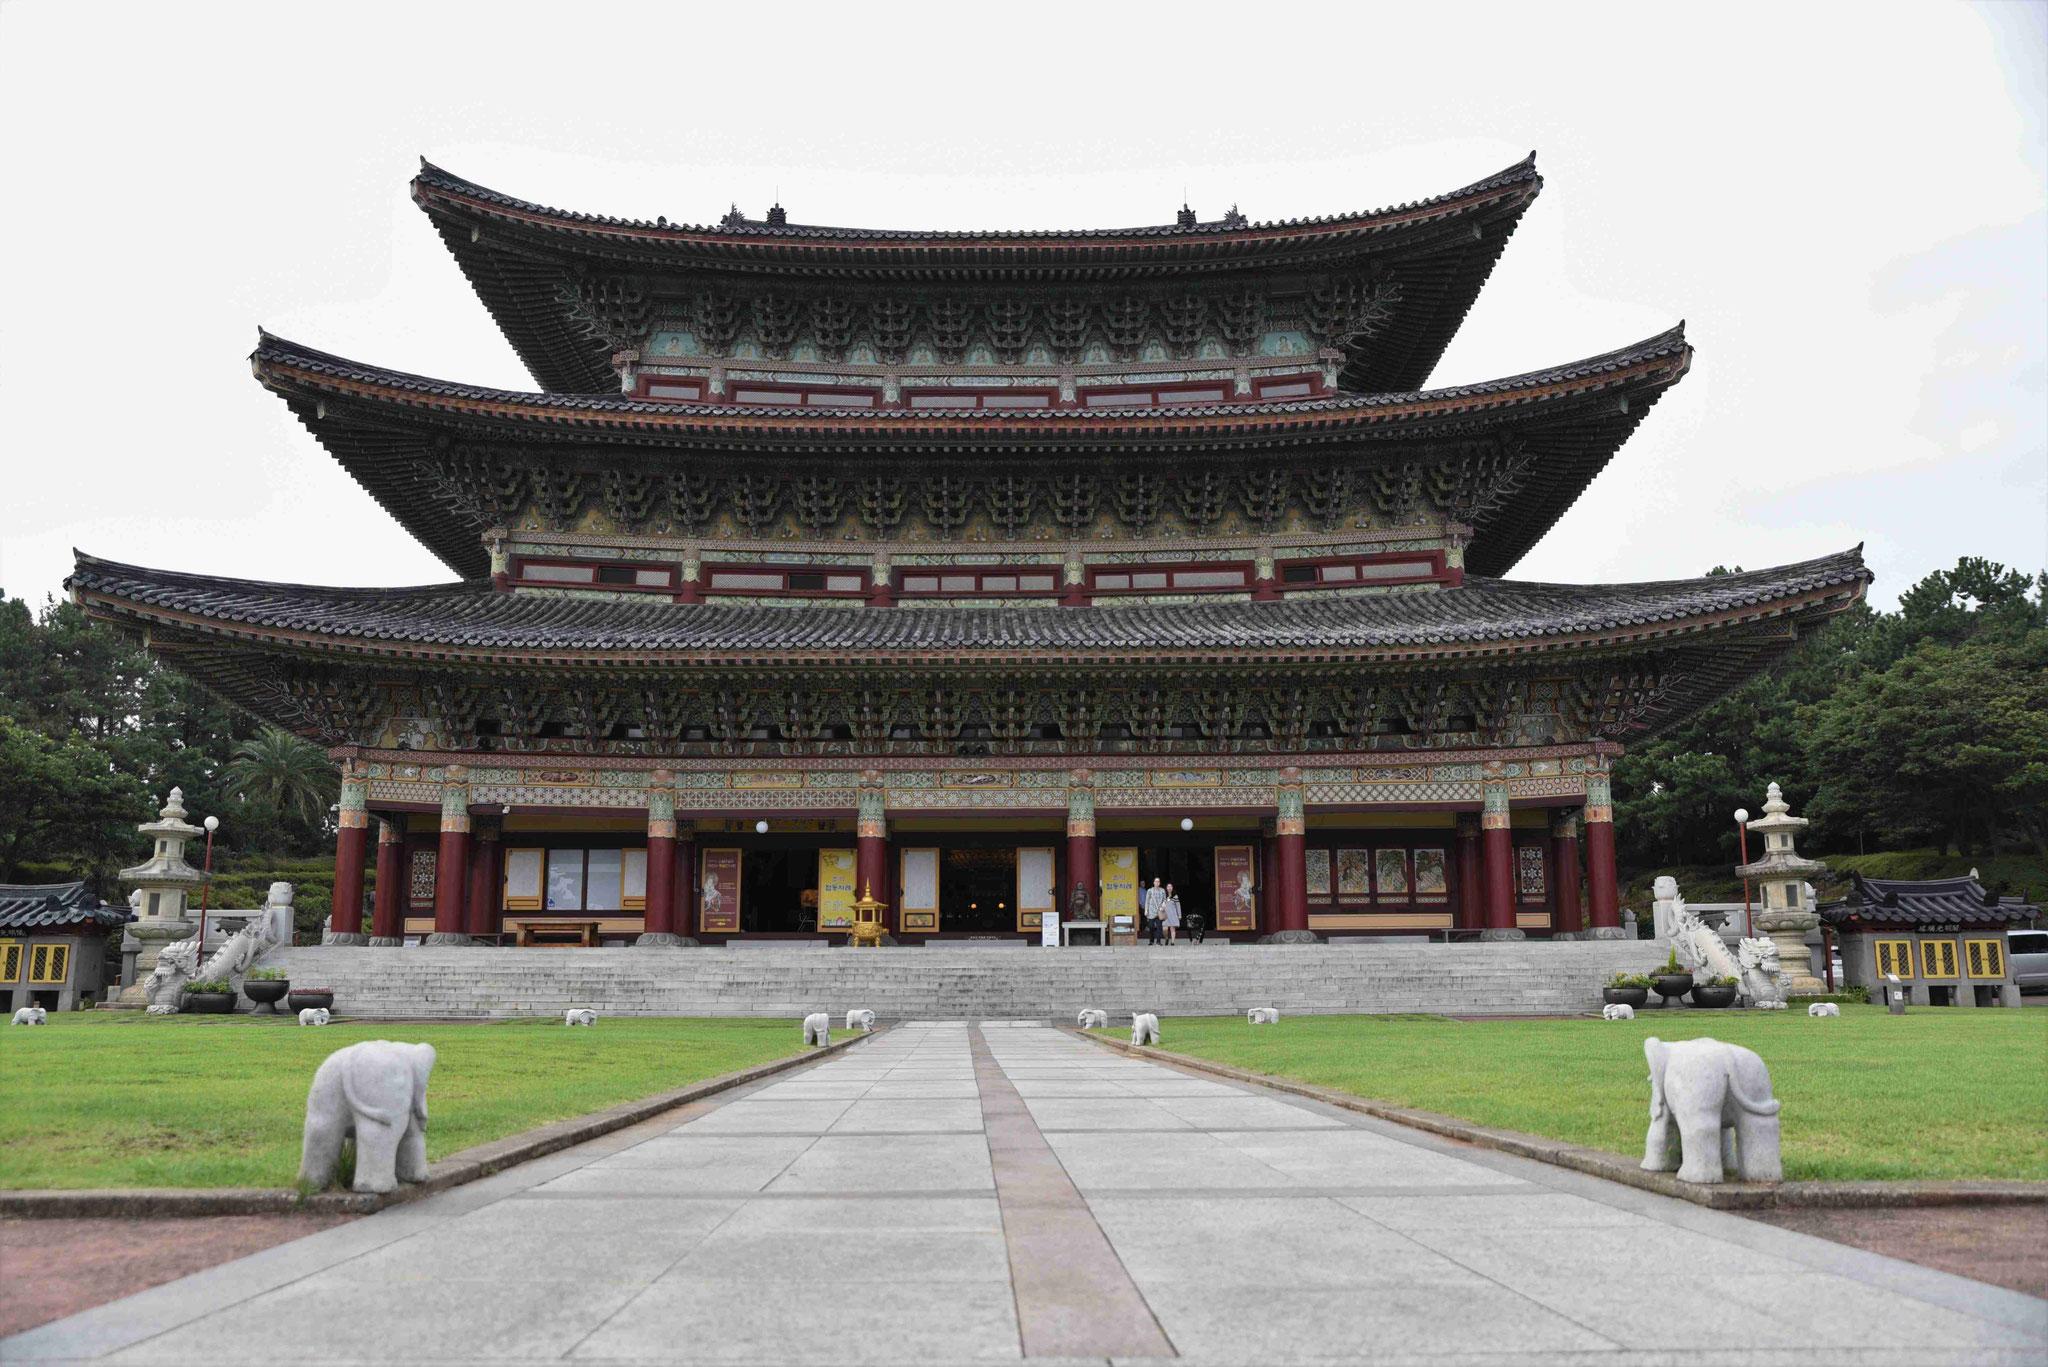 Der Tempel von Yakcheonsa